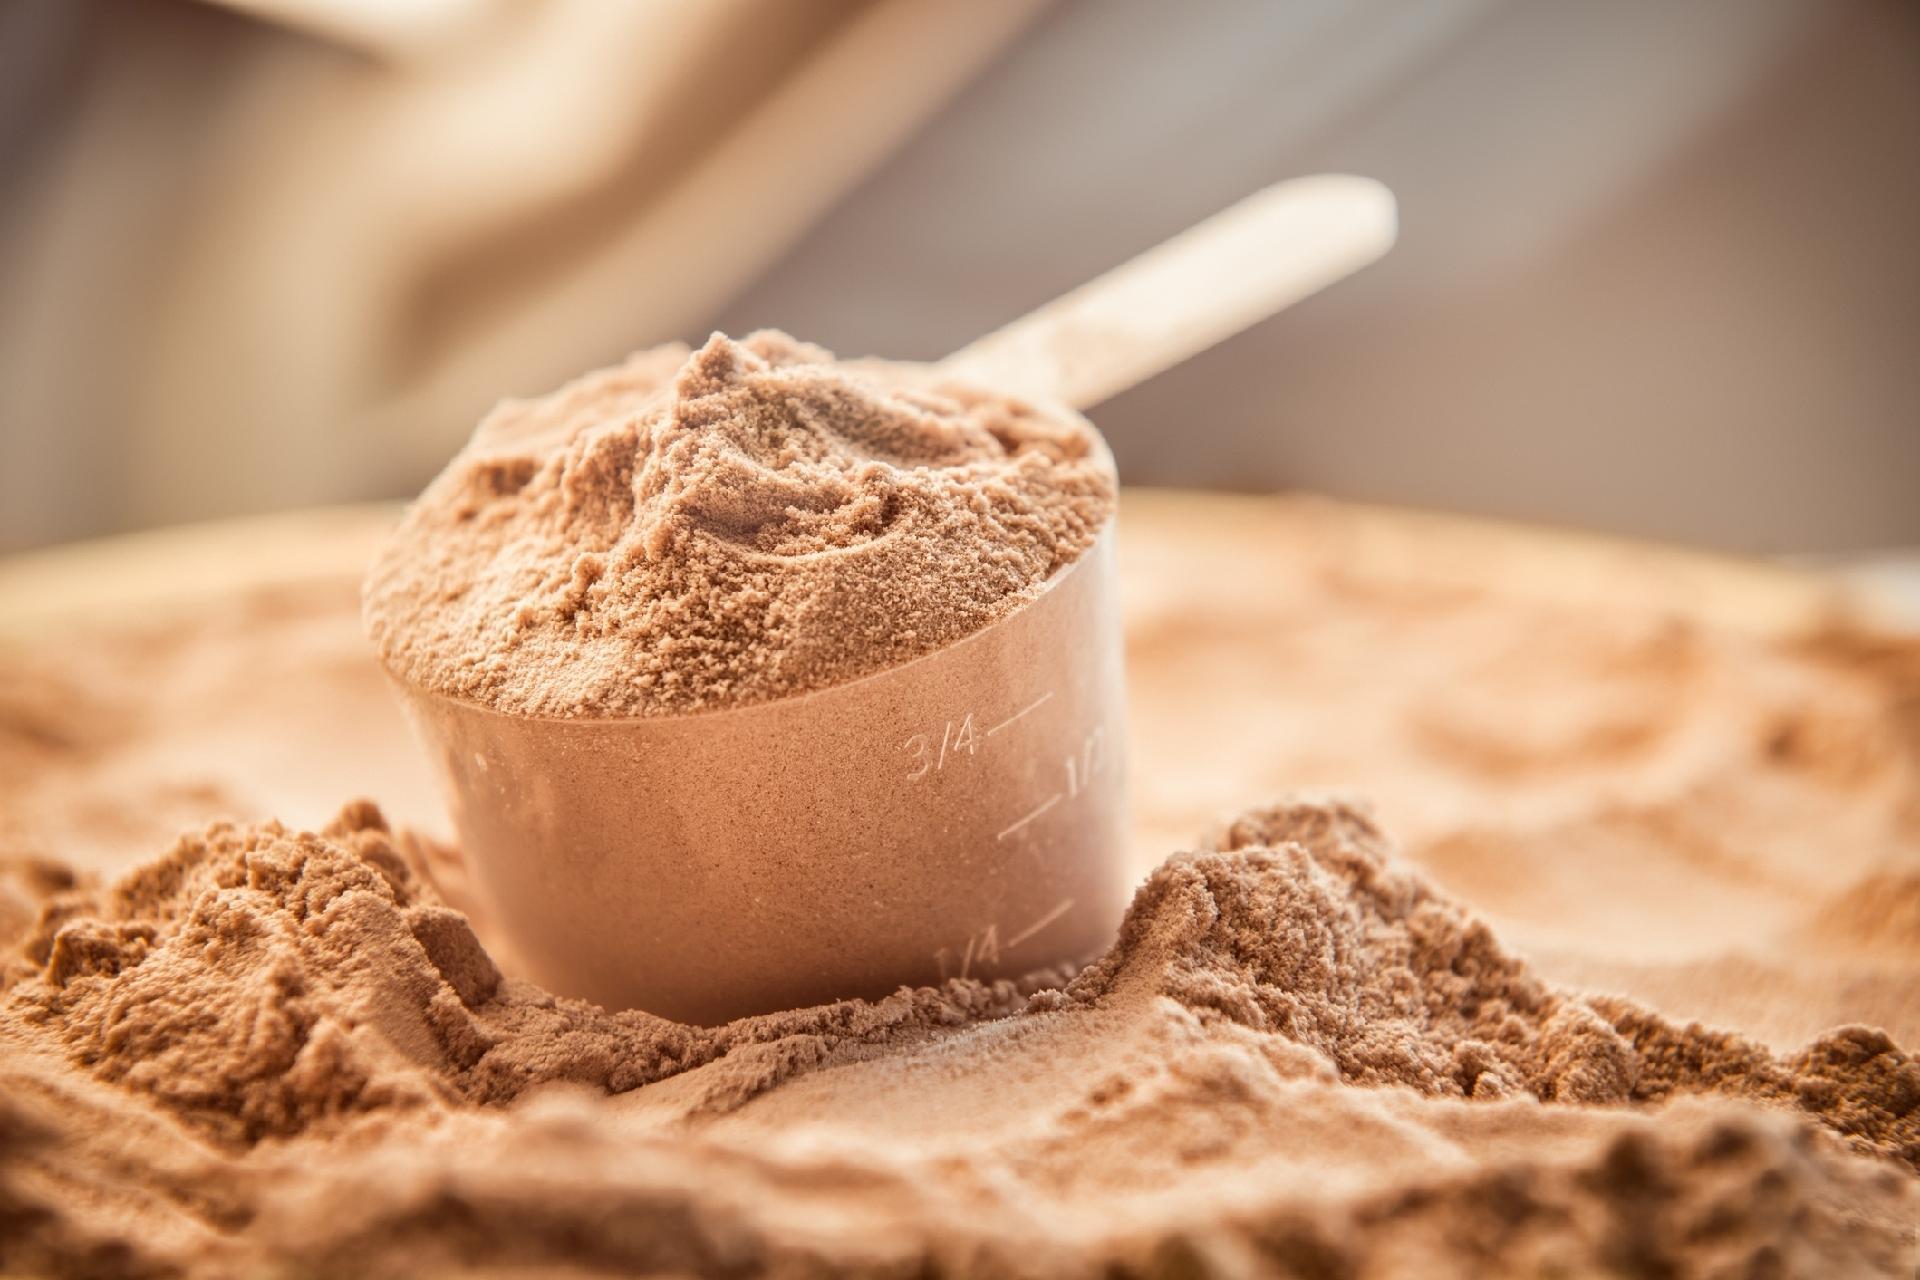 Whey Protein conheça mitos e verdades sobre a proteína do soro do leite